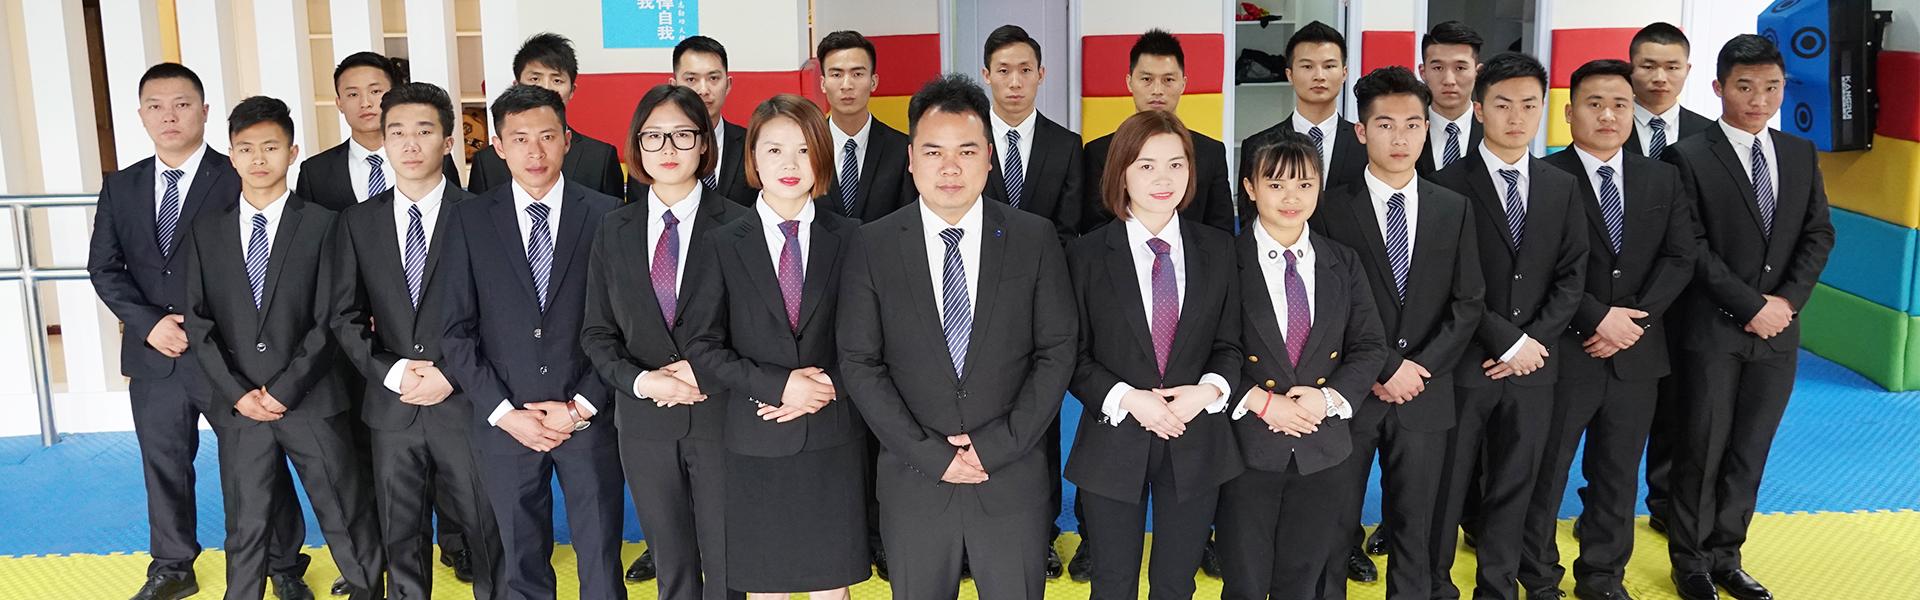 贵州志勋文化体育发展有限公司